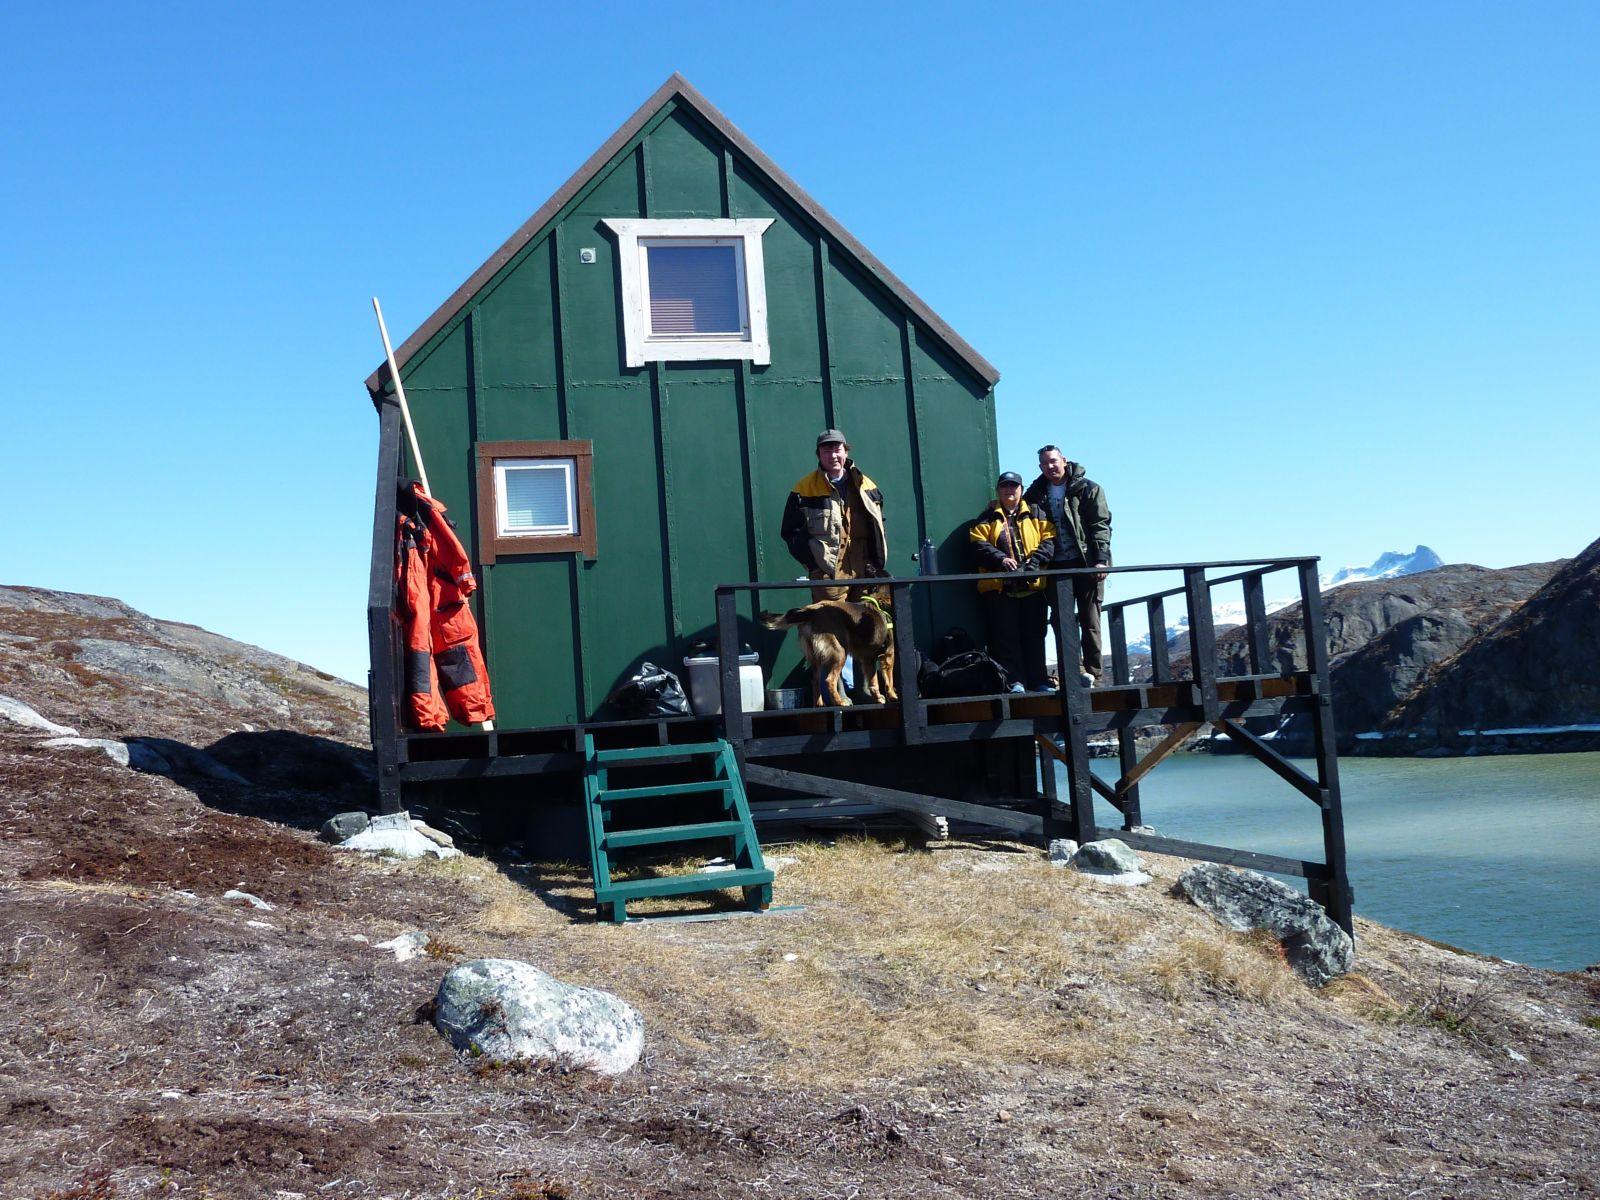 Maren, Palle, Maren og Djanco ved hytten i Kanasut